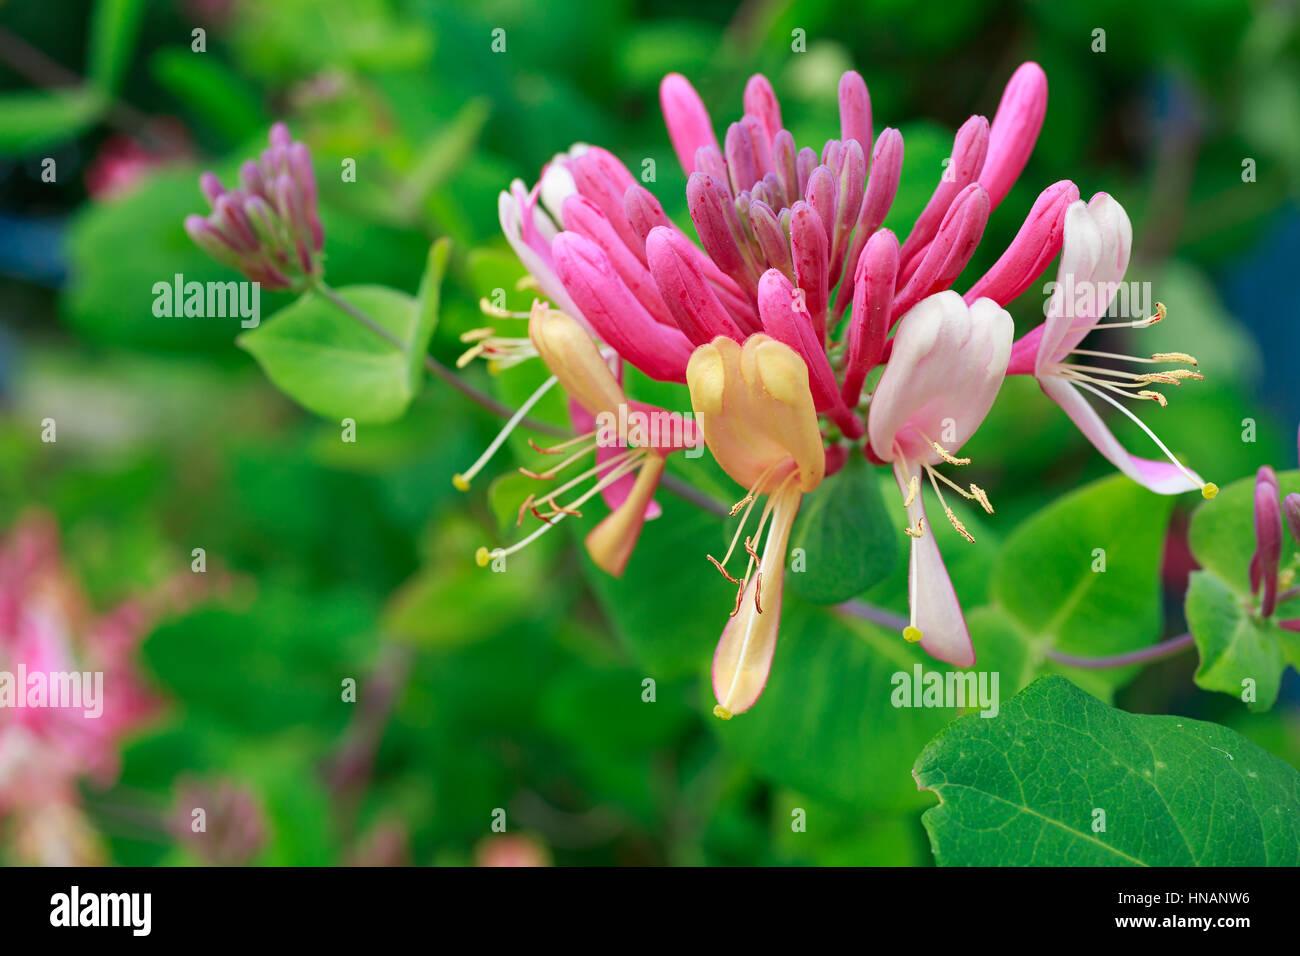 Honeysuckle vine growing in the home garden. - Stock Image